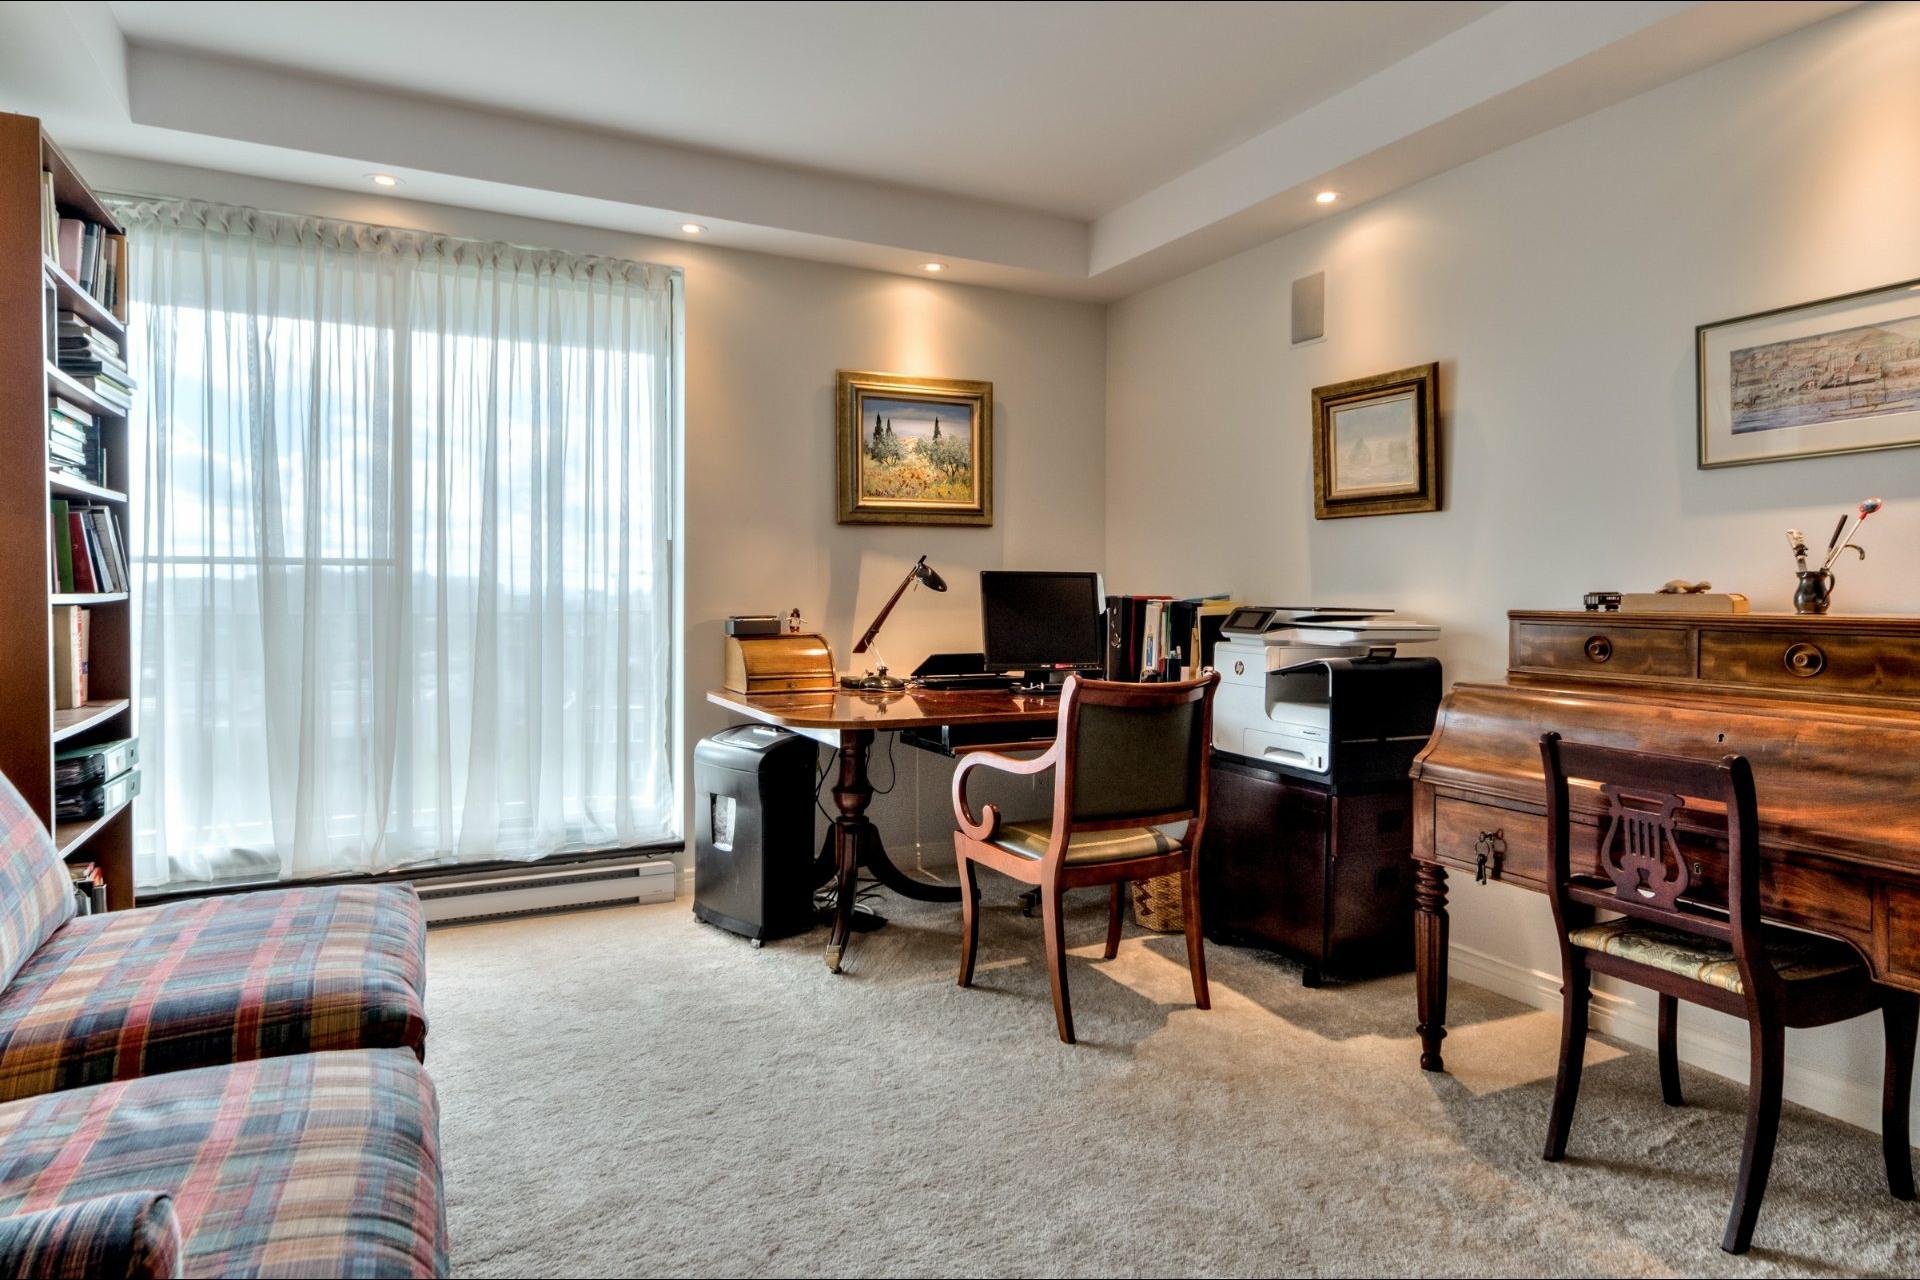 image 25 - Appartement À vendre Côte-des-Neiges/Notre-Dame-de-Grâce Montréal  - 12 pièces